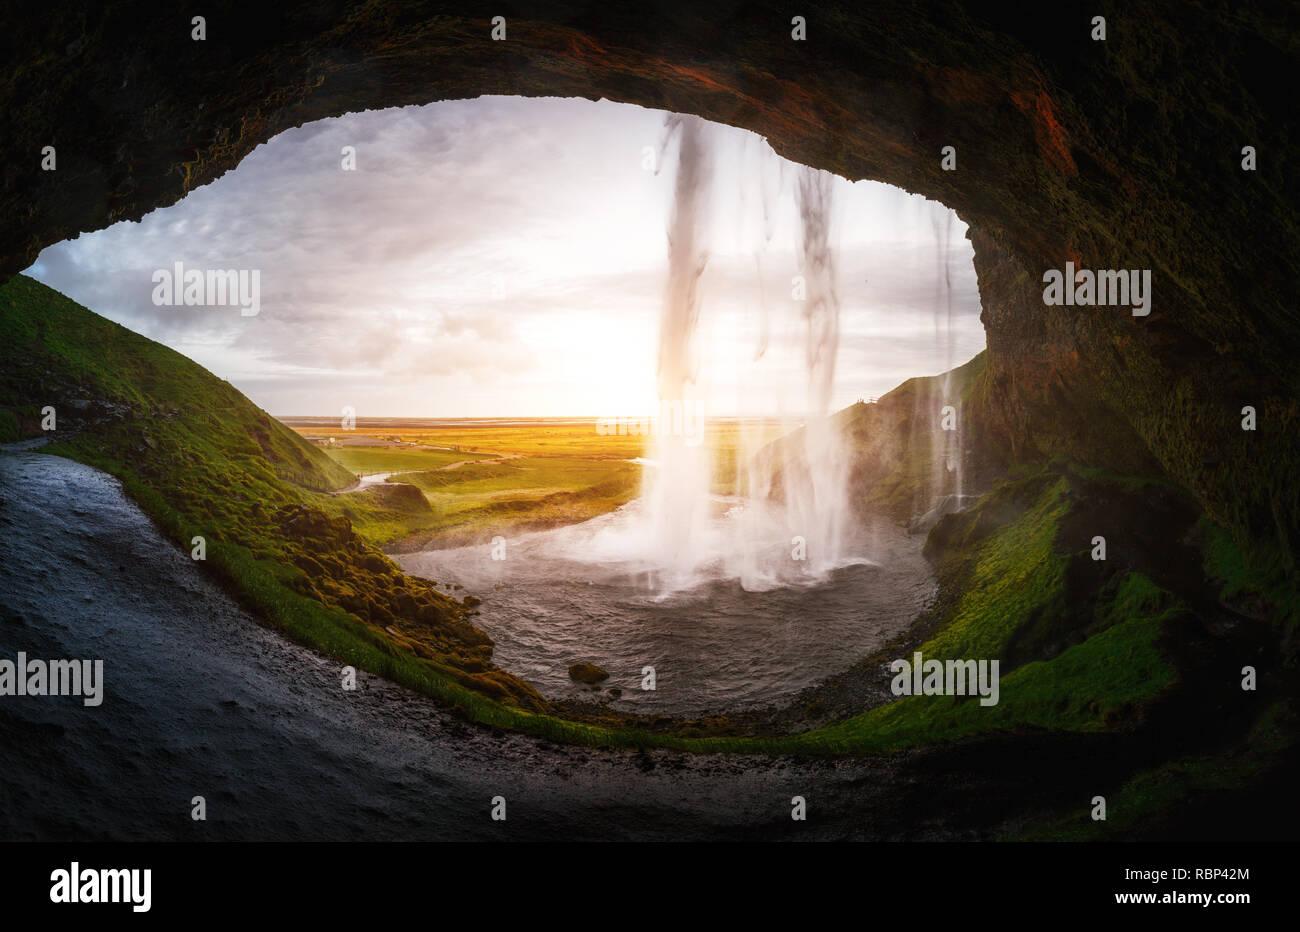 Una vista perfecta de la famosa cascada Seljalandsfoss potente en la luz del sol. Hermosa y dramática escena. Atracción turística popular. Islandia, lugar de ubicación Foto de stock